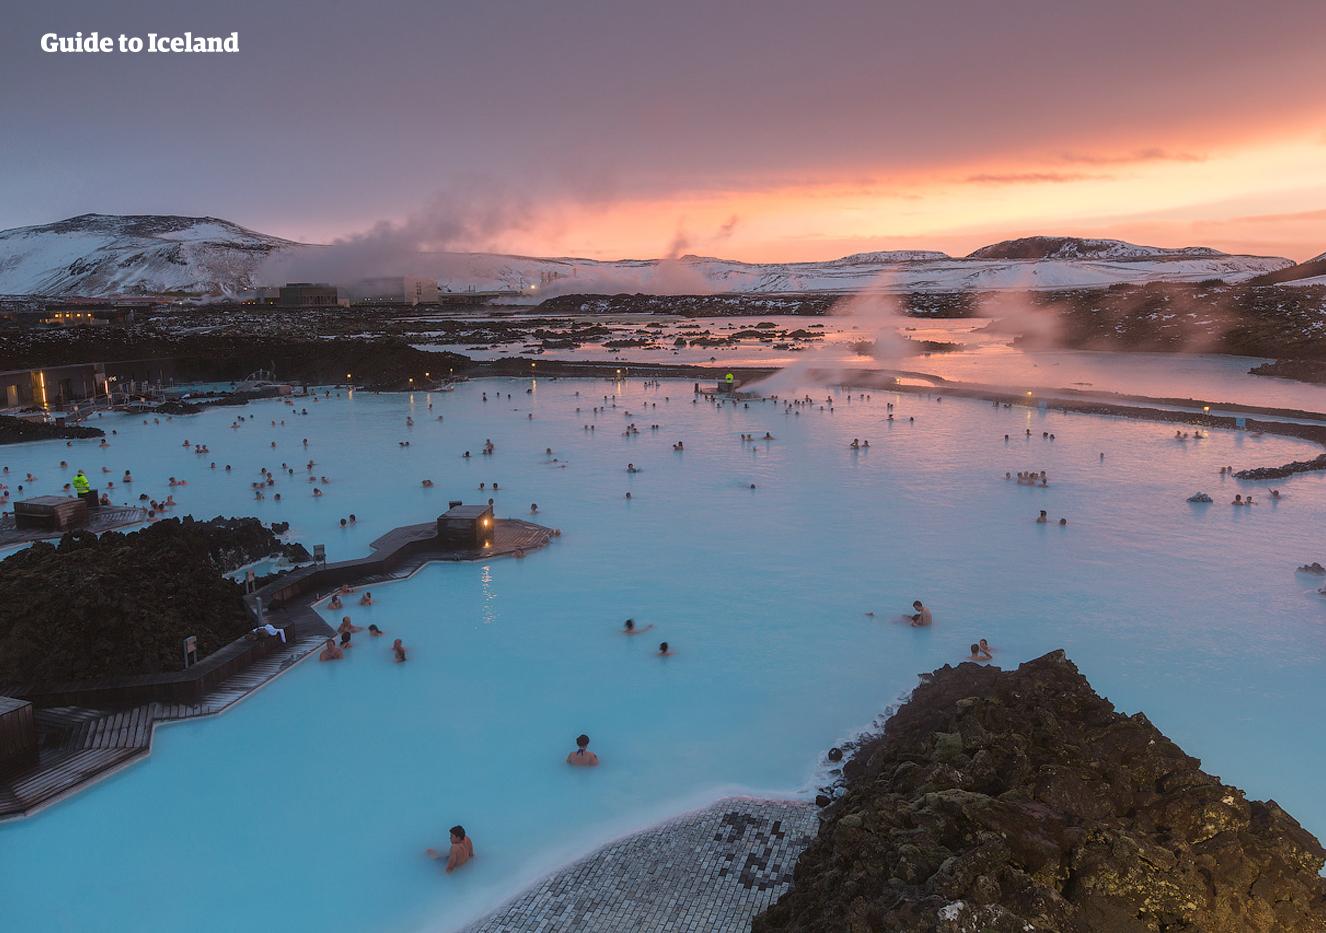 著名的蓝湖温泉坐落于冰岛西南部的雷克雅内斯半岛